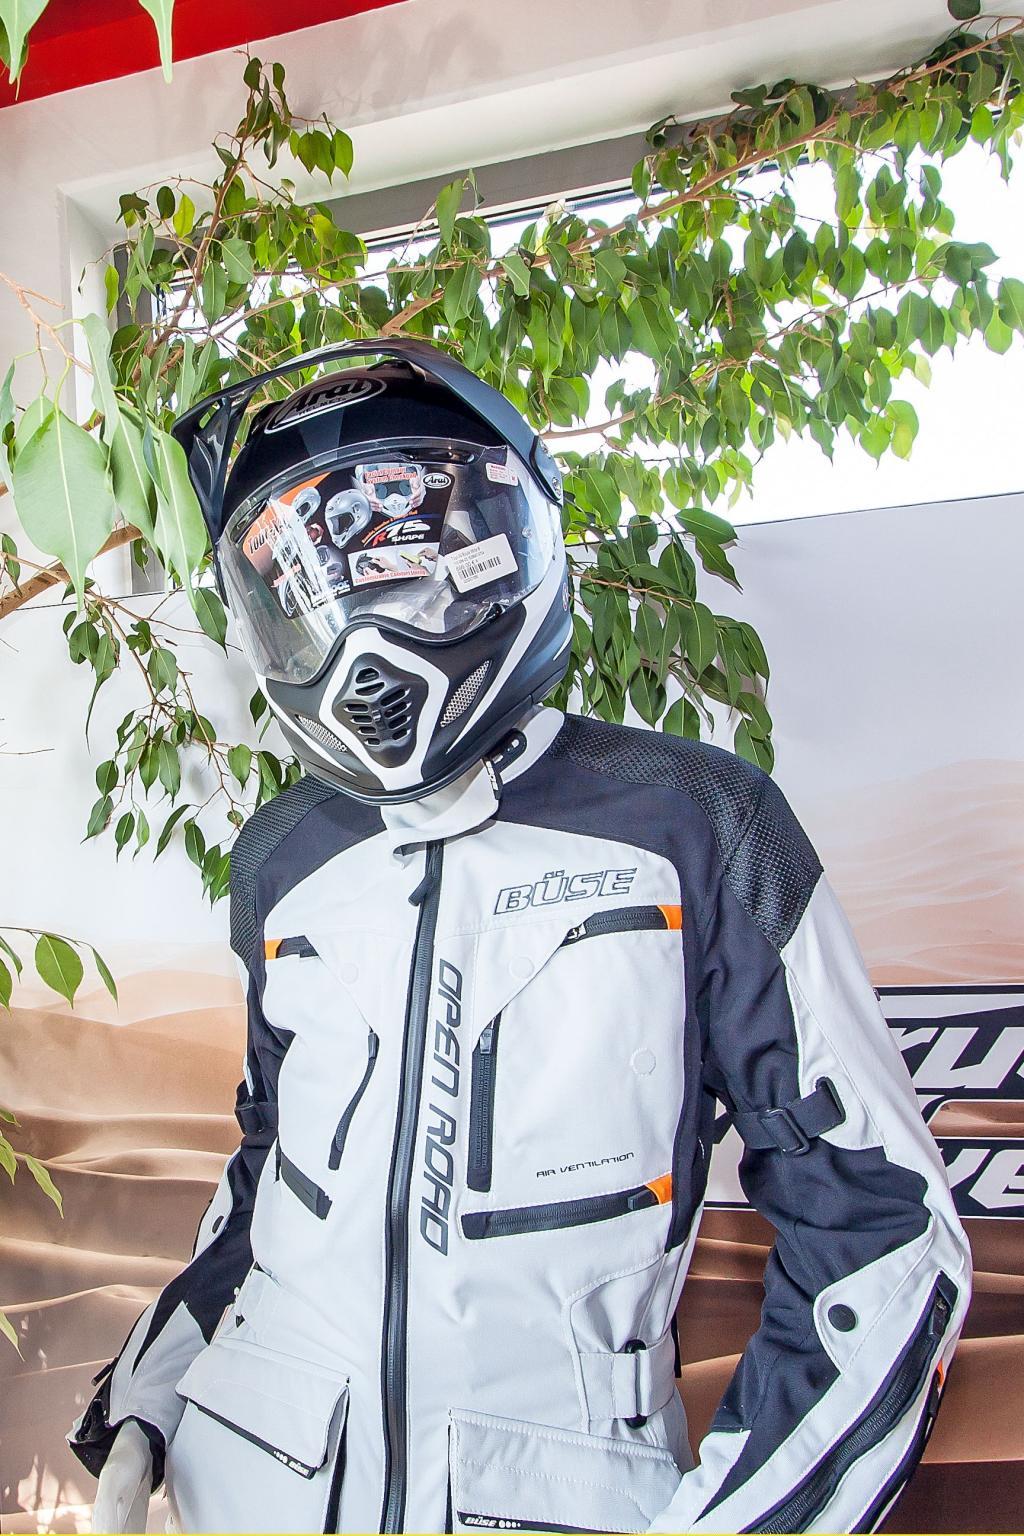 Unternehmensbilder Biker Stable GmbH & Co. KG 14